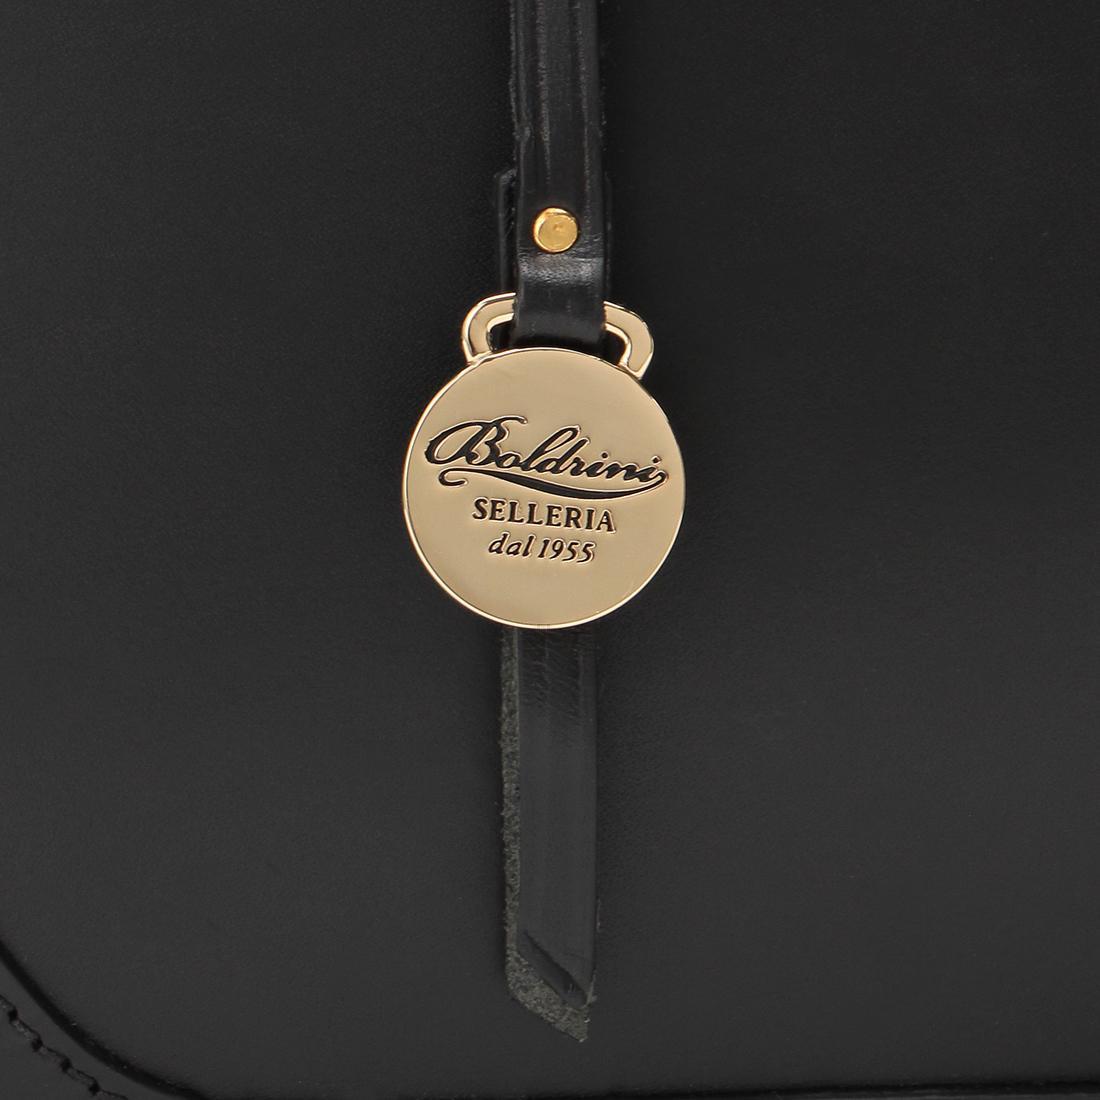 Boldrini Selleria Leather Briefcase: Black